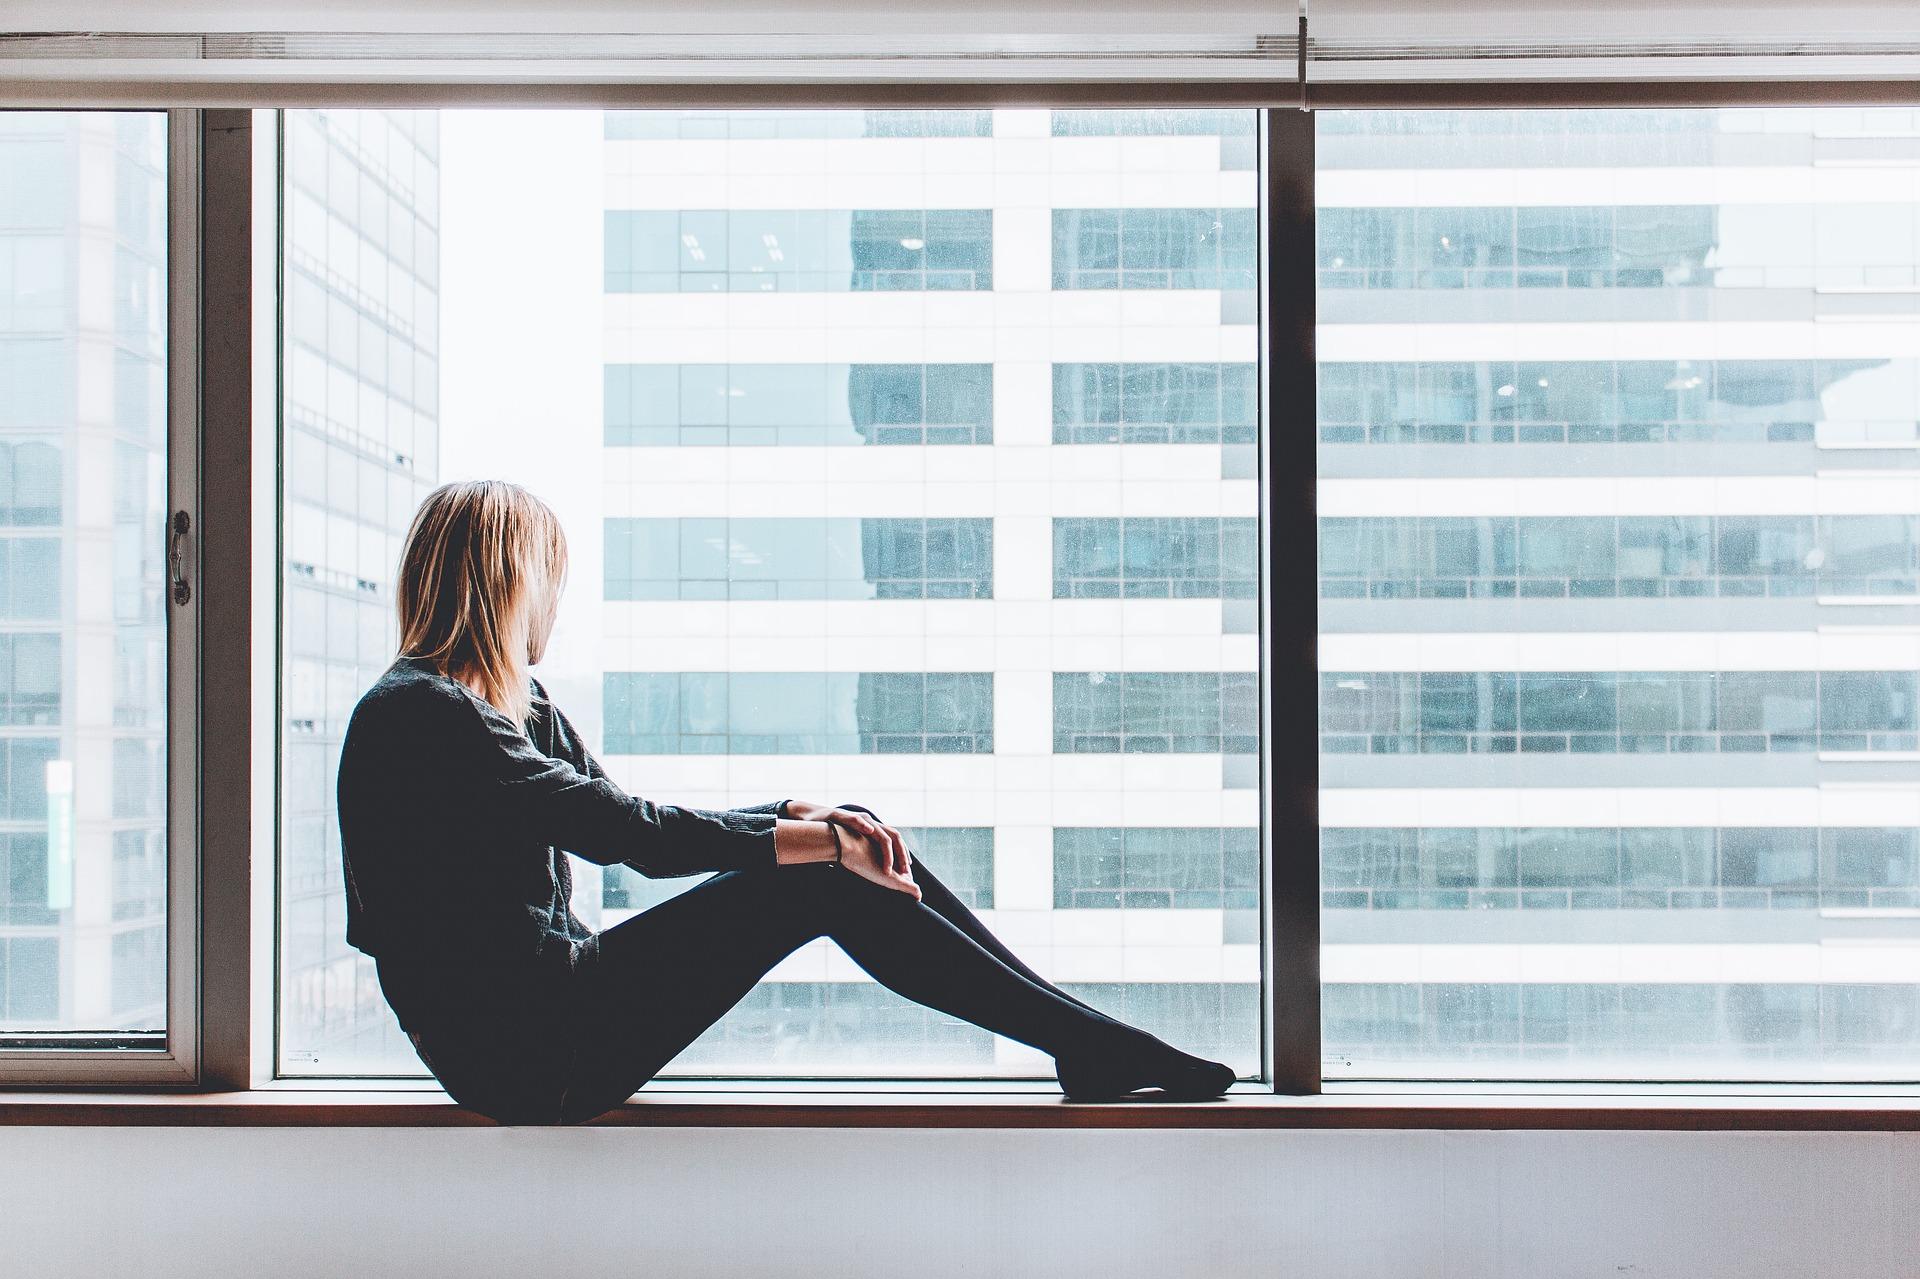 Naprawa okien – czy warto i ile kosztuje?